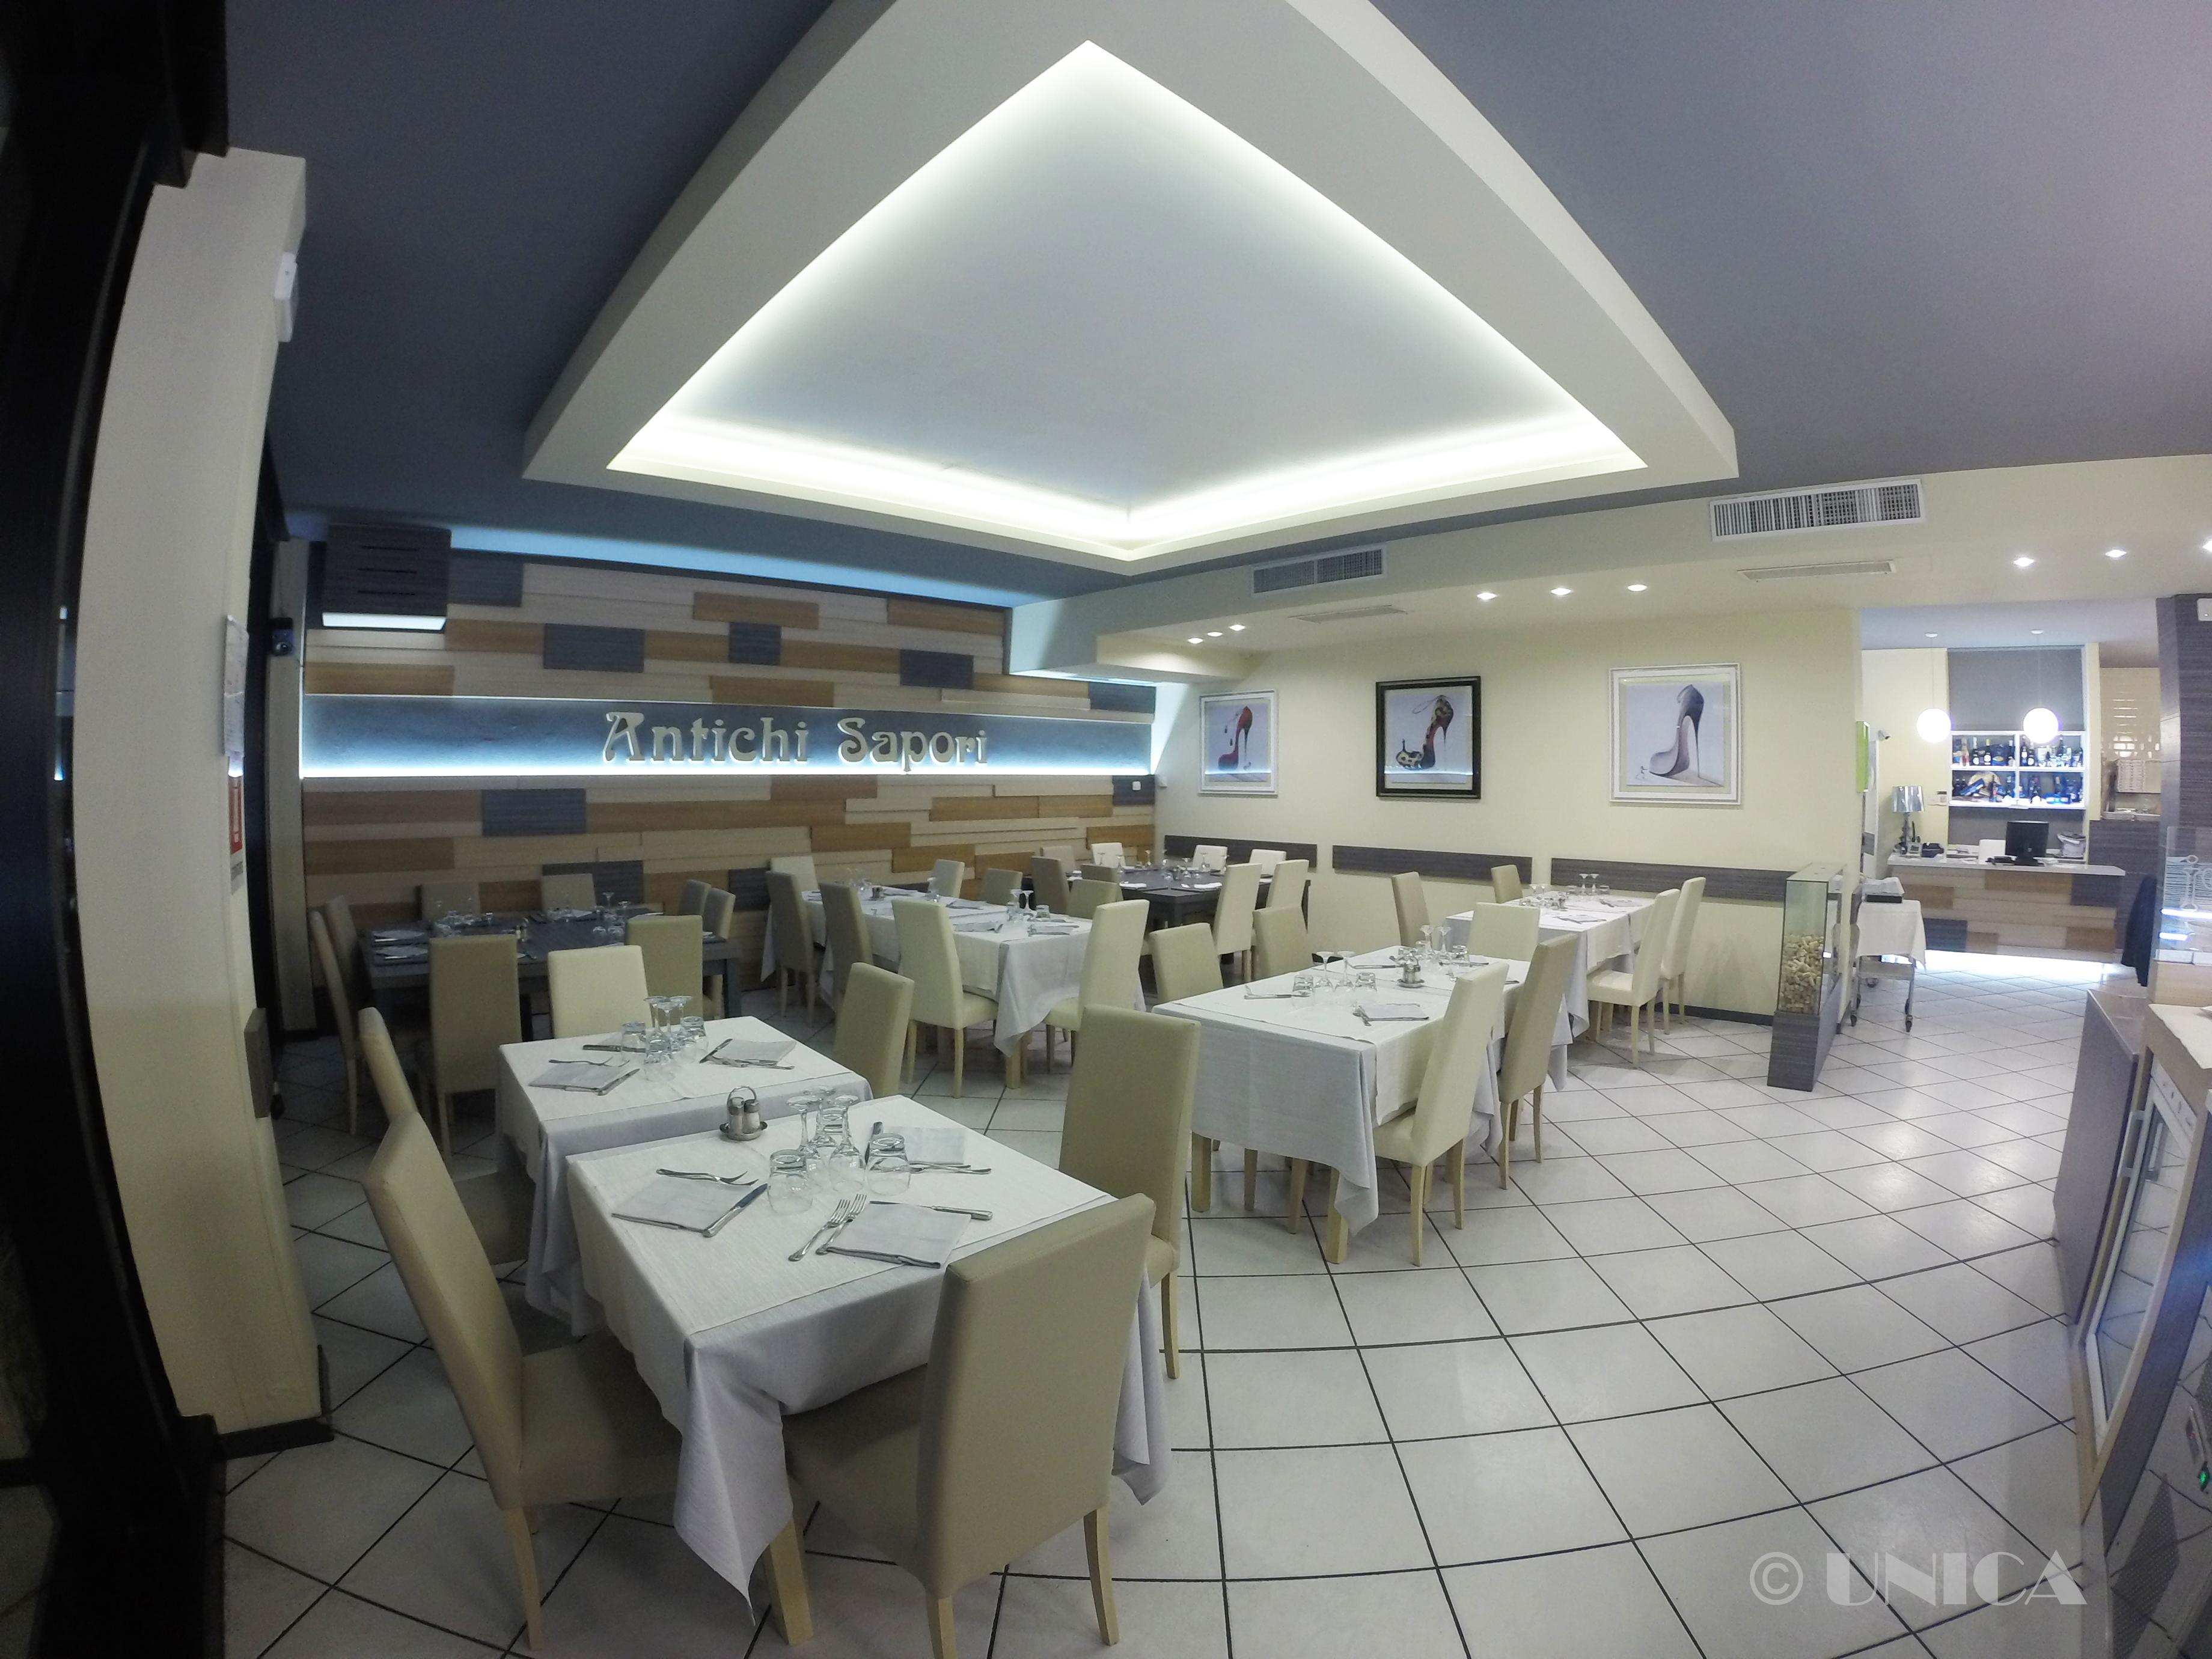 Arredamenti per ristoranti unica arredamenti milano for Arredamenti per ristoranti